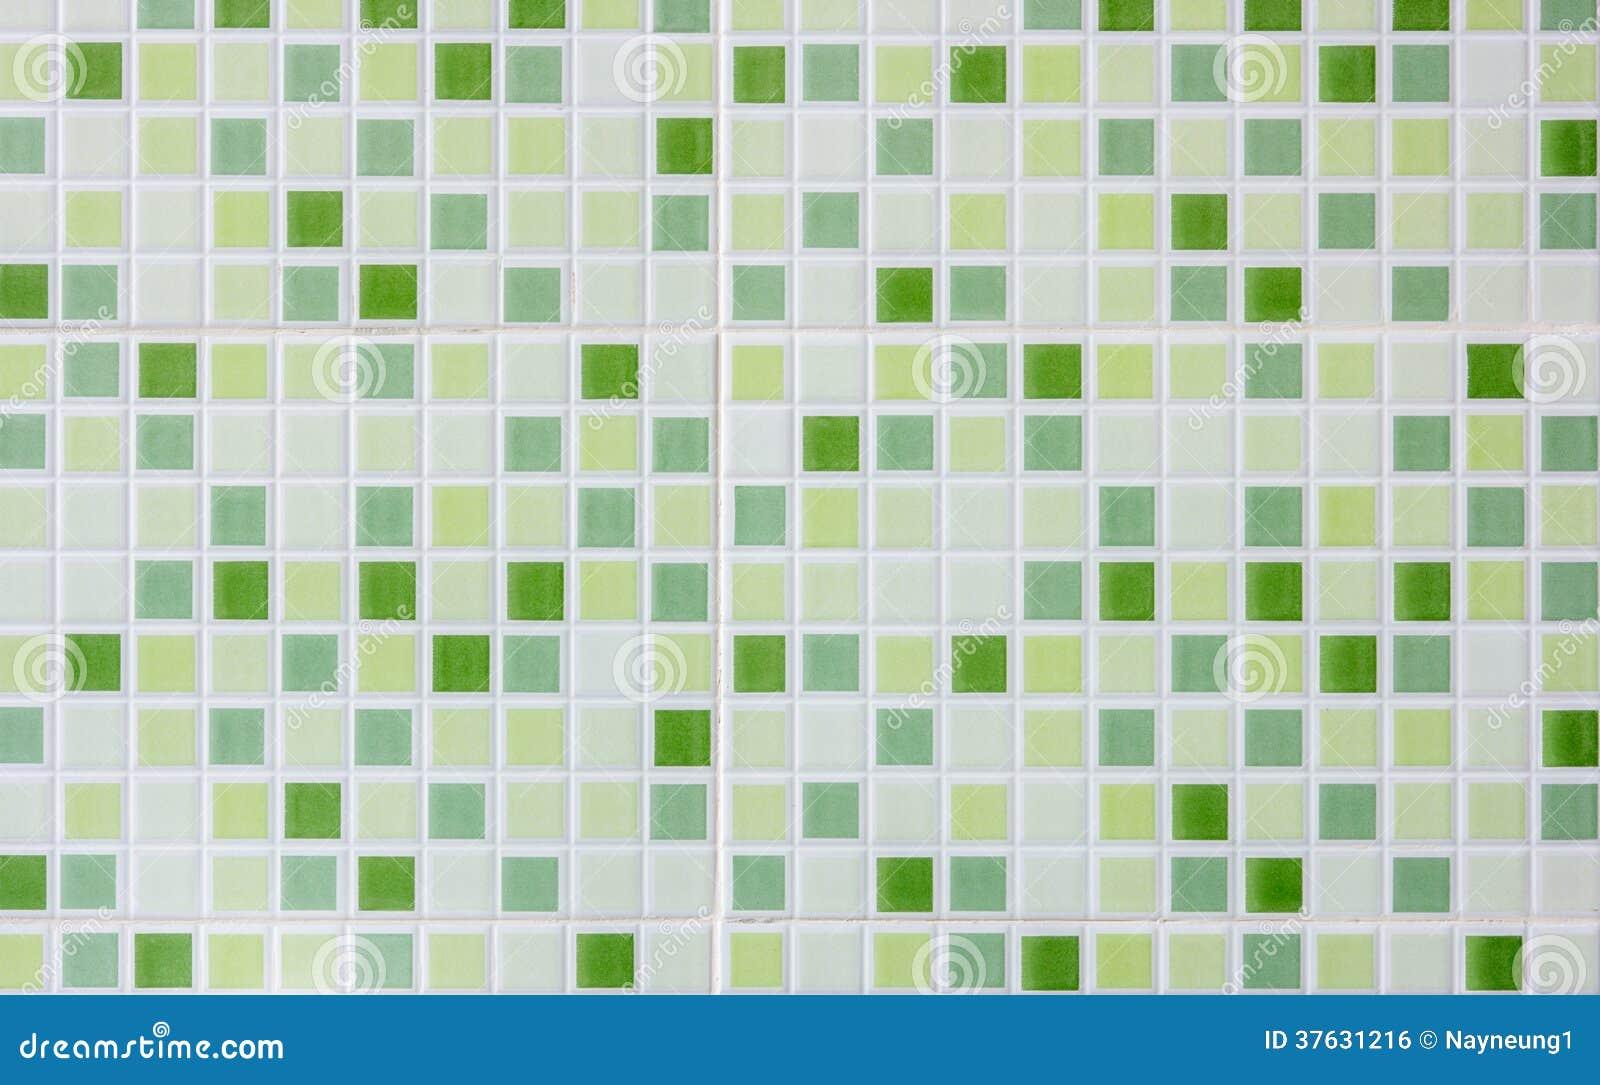 Fondo de cer mica verde del mosaico de la falta de Definicion de ceramica